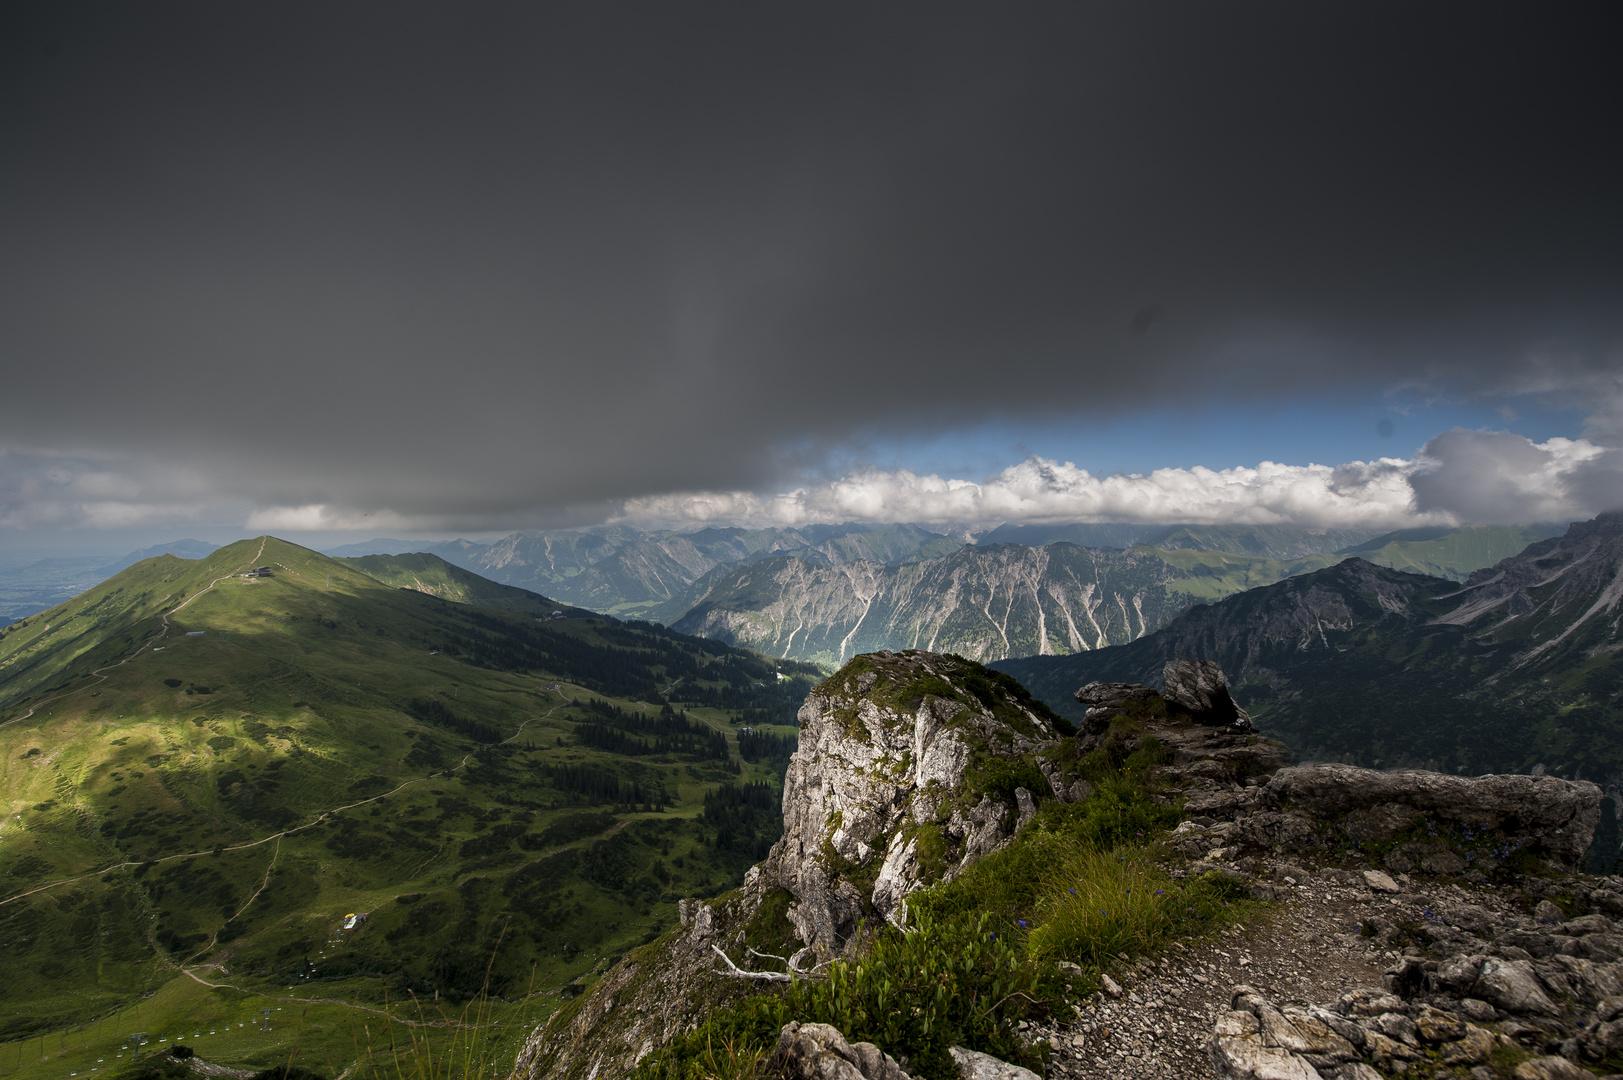 Bergwelt3